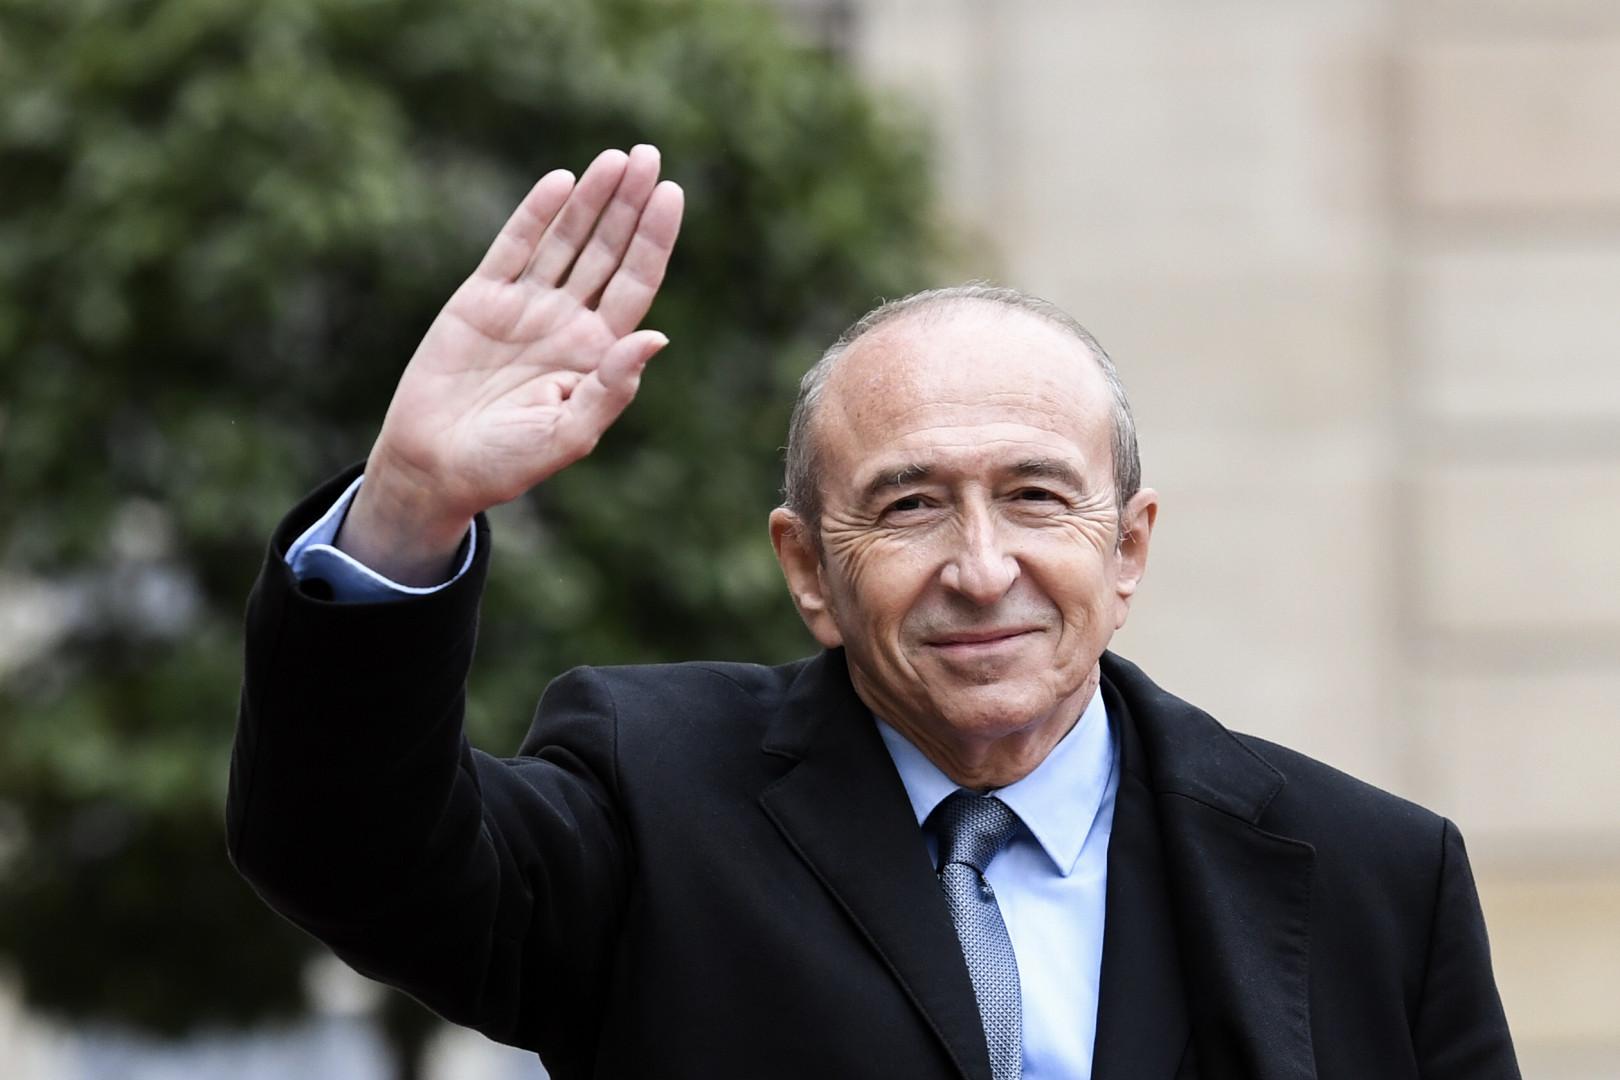 Gérard Collomb, l'un des premiers soutiens d'Emmanuel Macron durant la présidentielle, est nommé ministre de l'Intérieur au sein du gouvernement Philippe